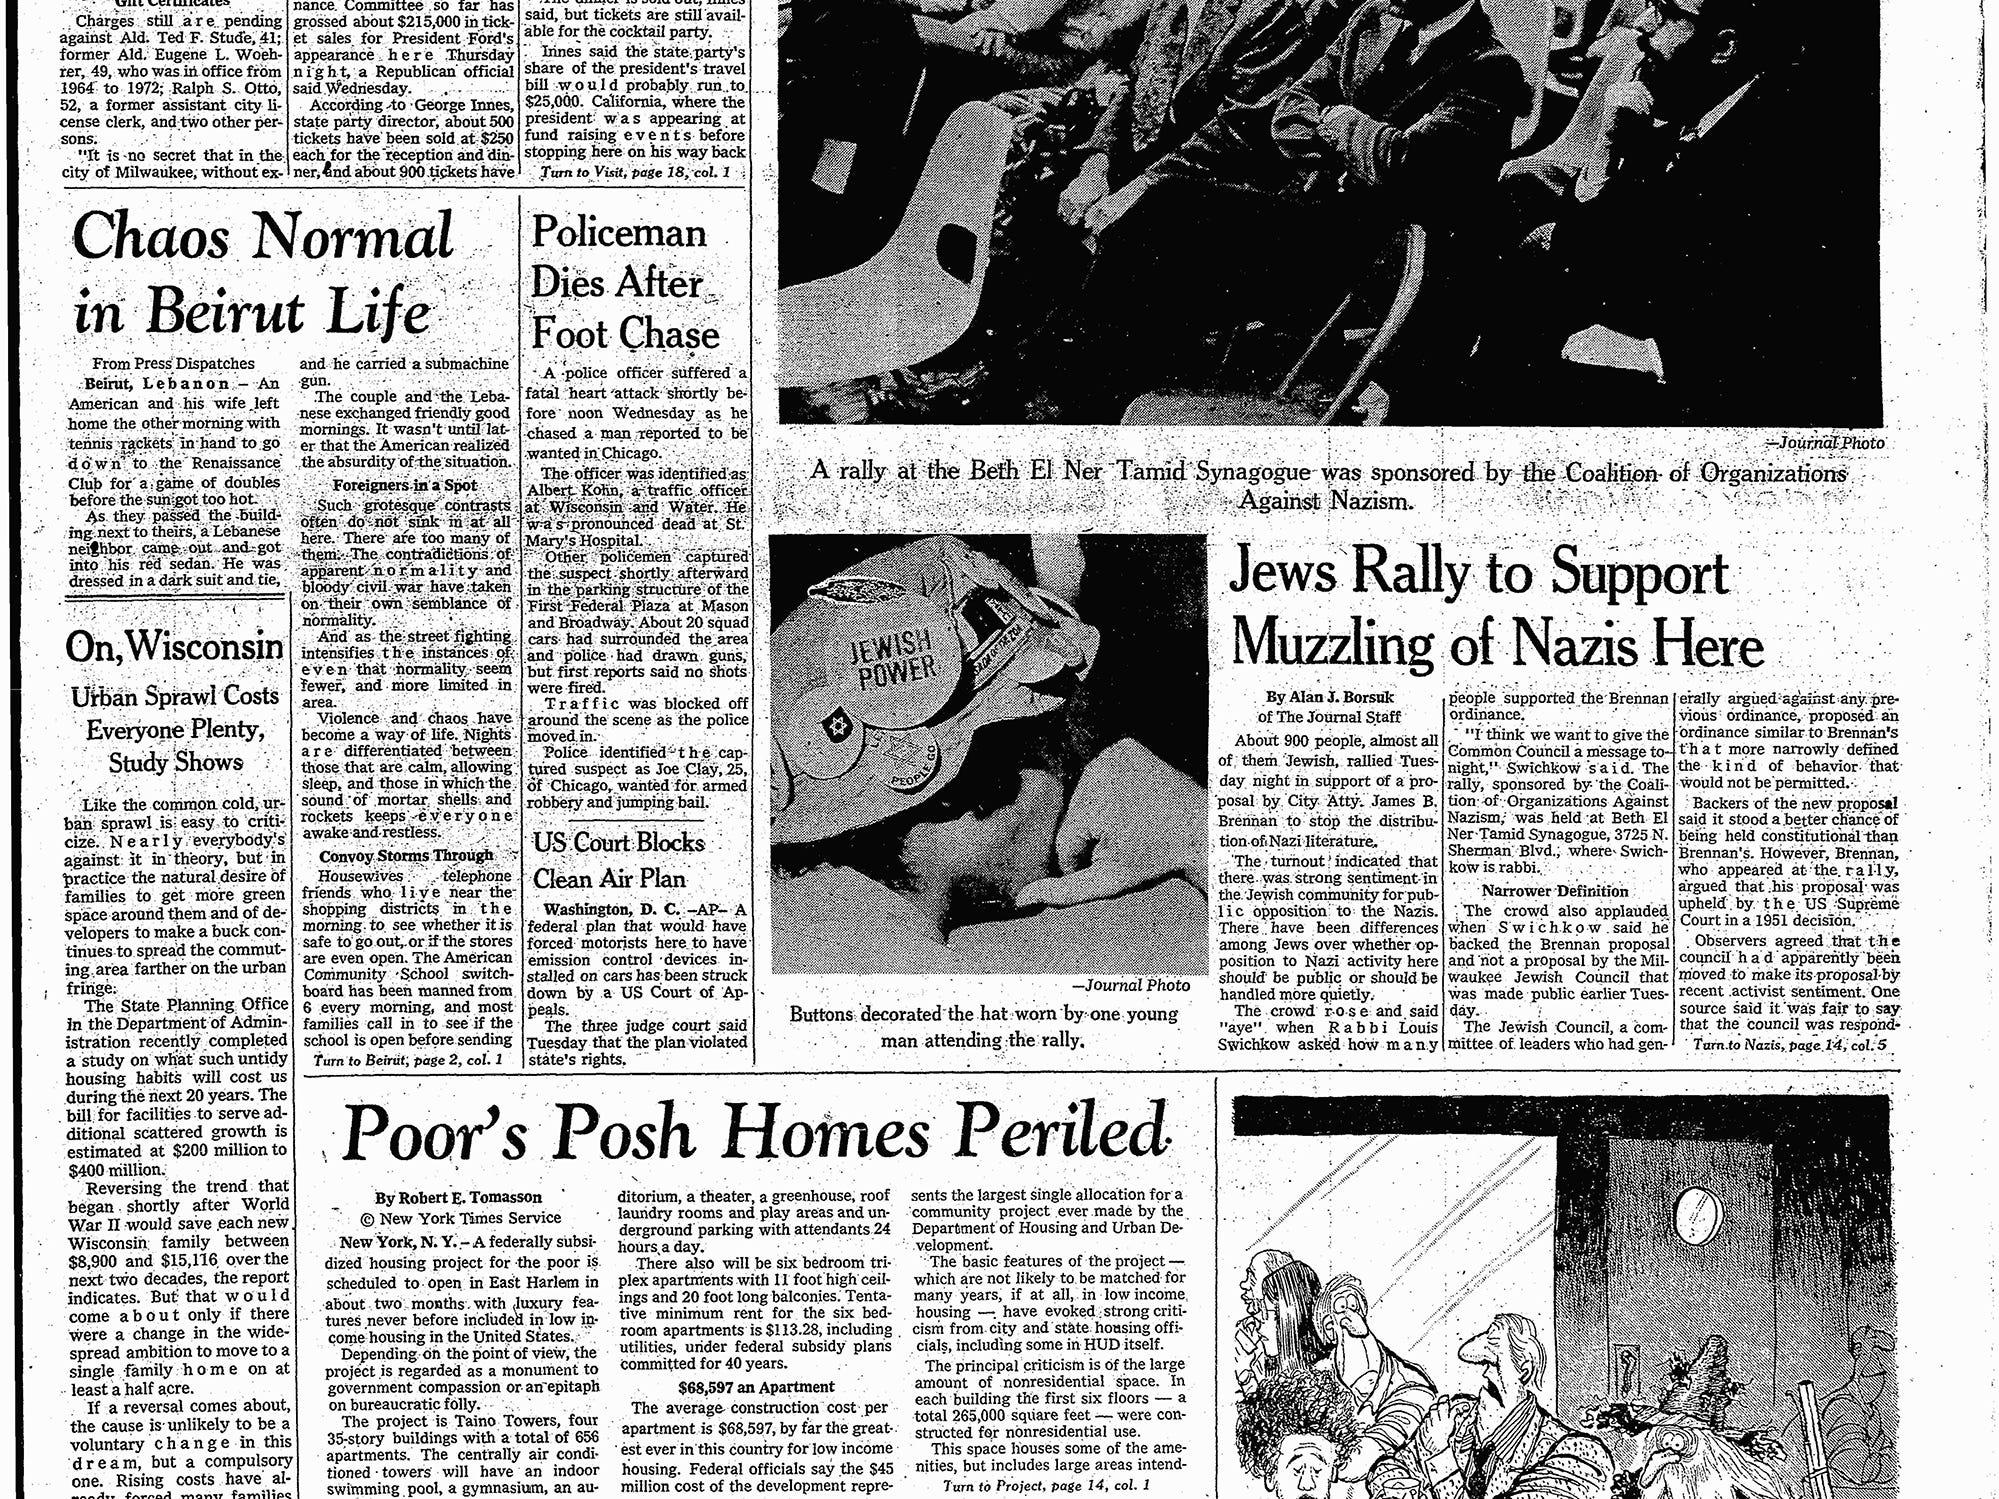 Albert Kohn Start of duty: November 2, 1953      End of watch: October 29, 1975